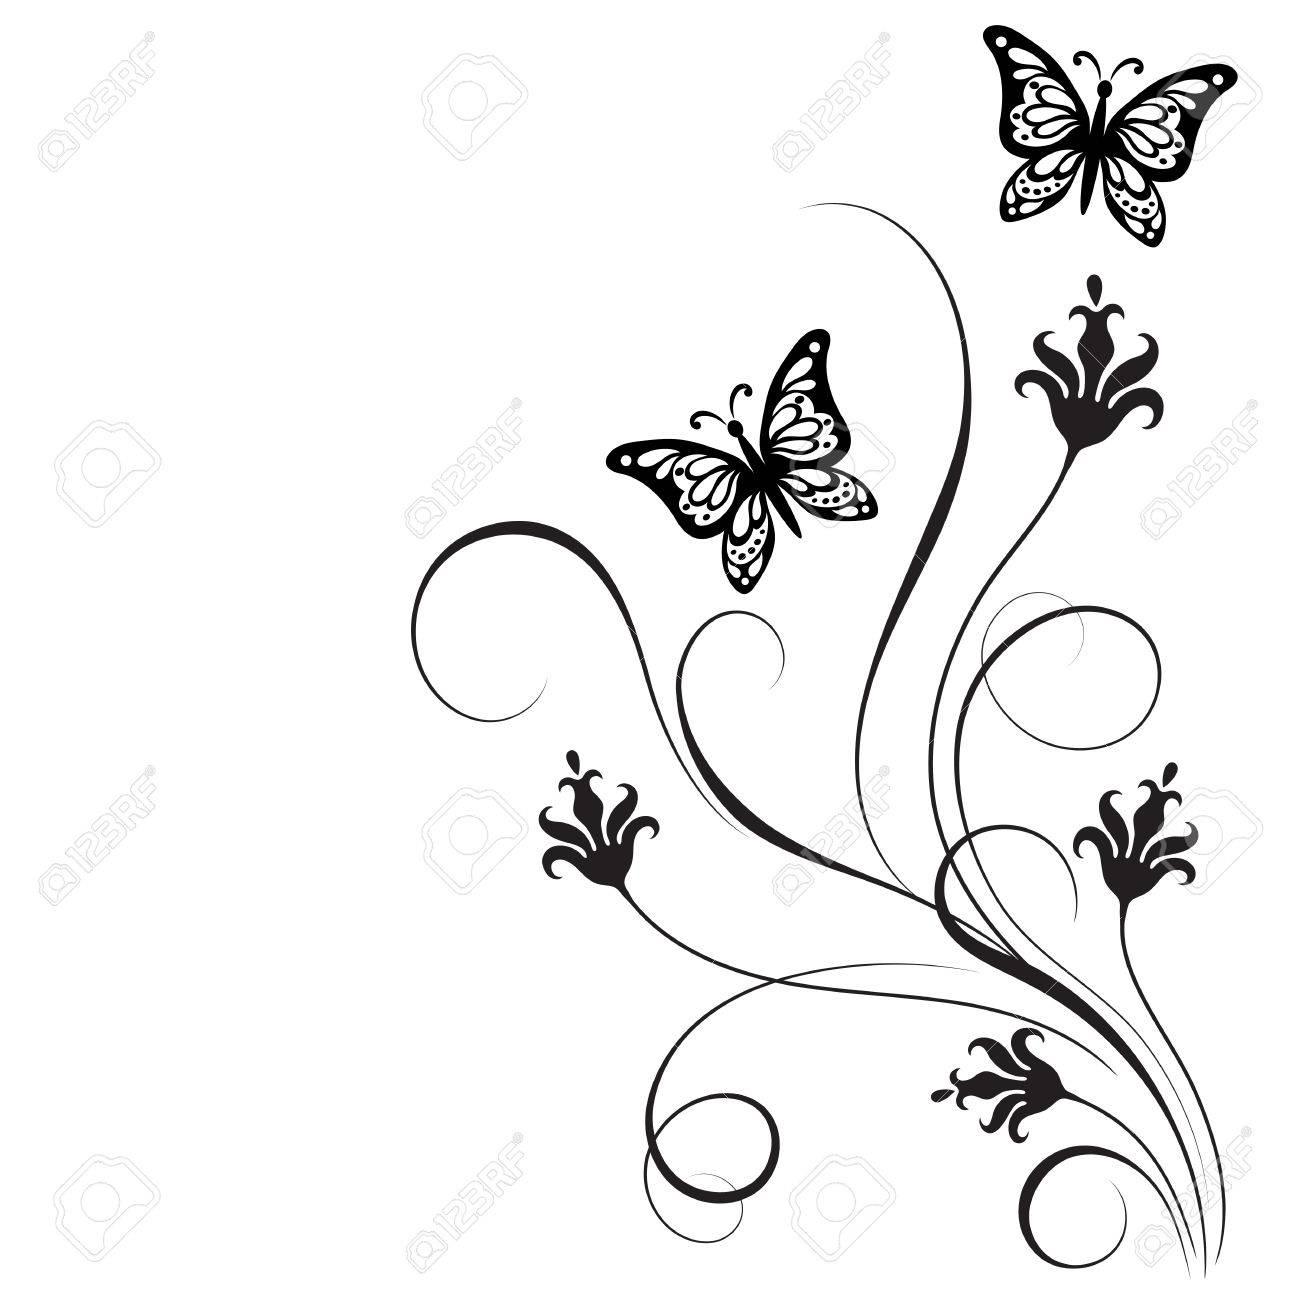 Dekorative Floralen Ecke Ornament Mit Blumen Und Schmetterling Für ...